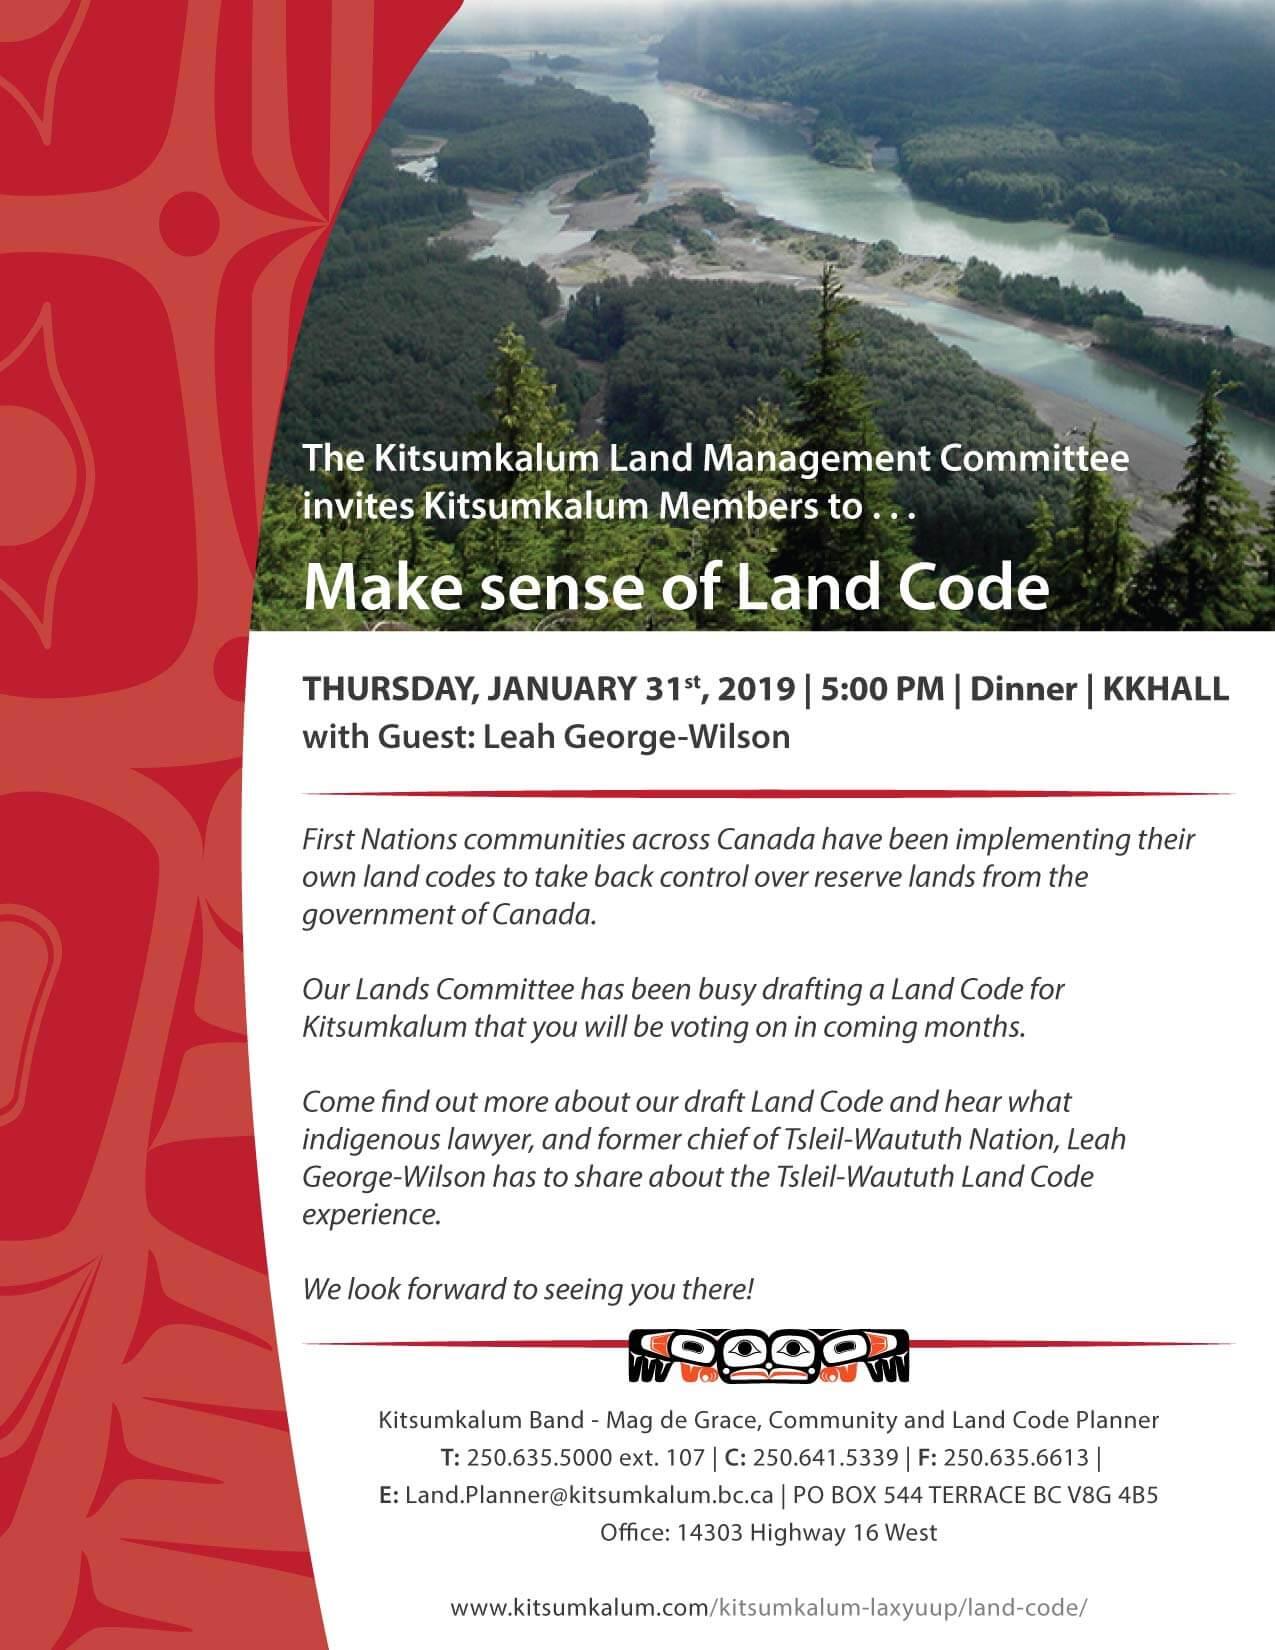 Make Sense of Land Code – Kitsumkalum Dinner and Meeting JAN 31